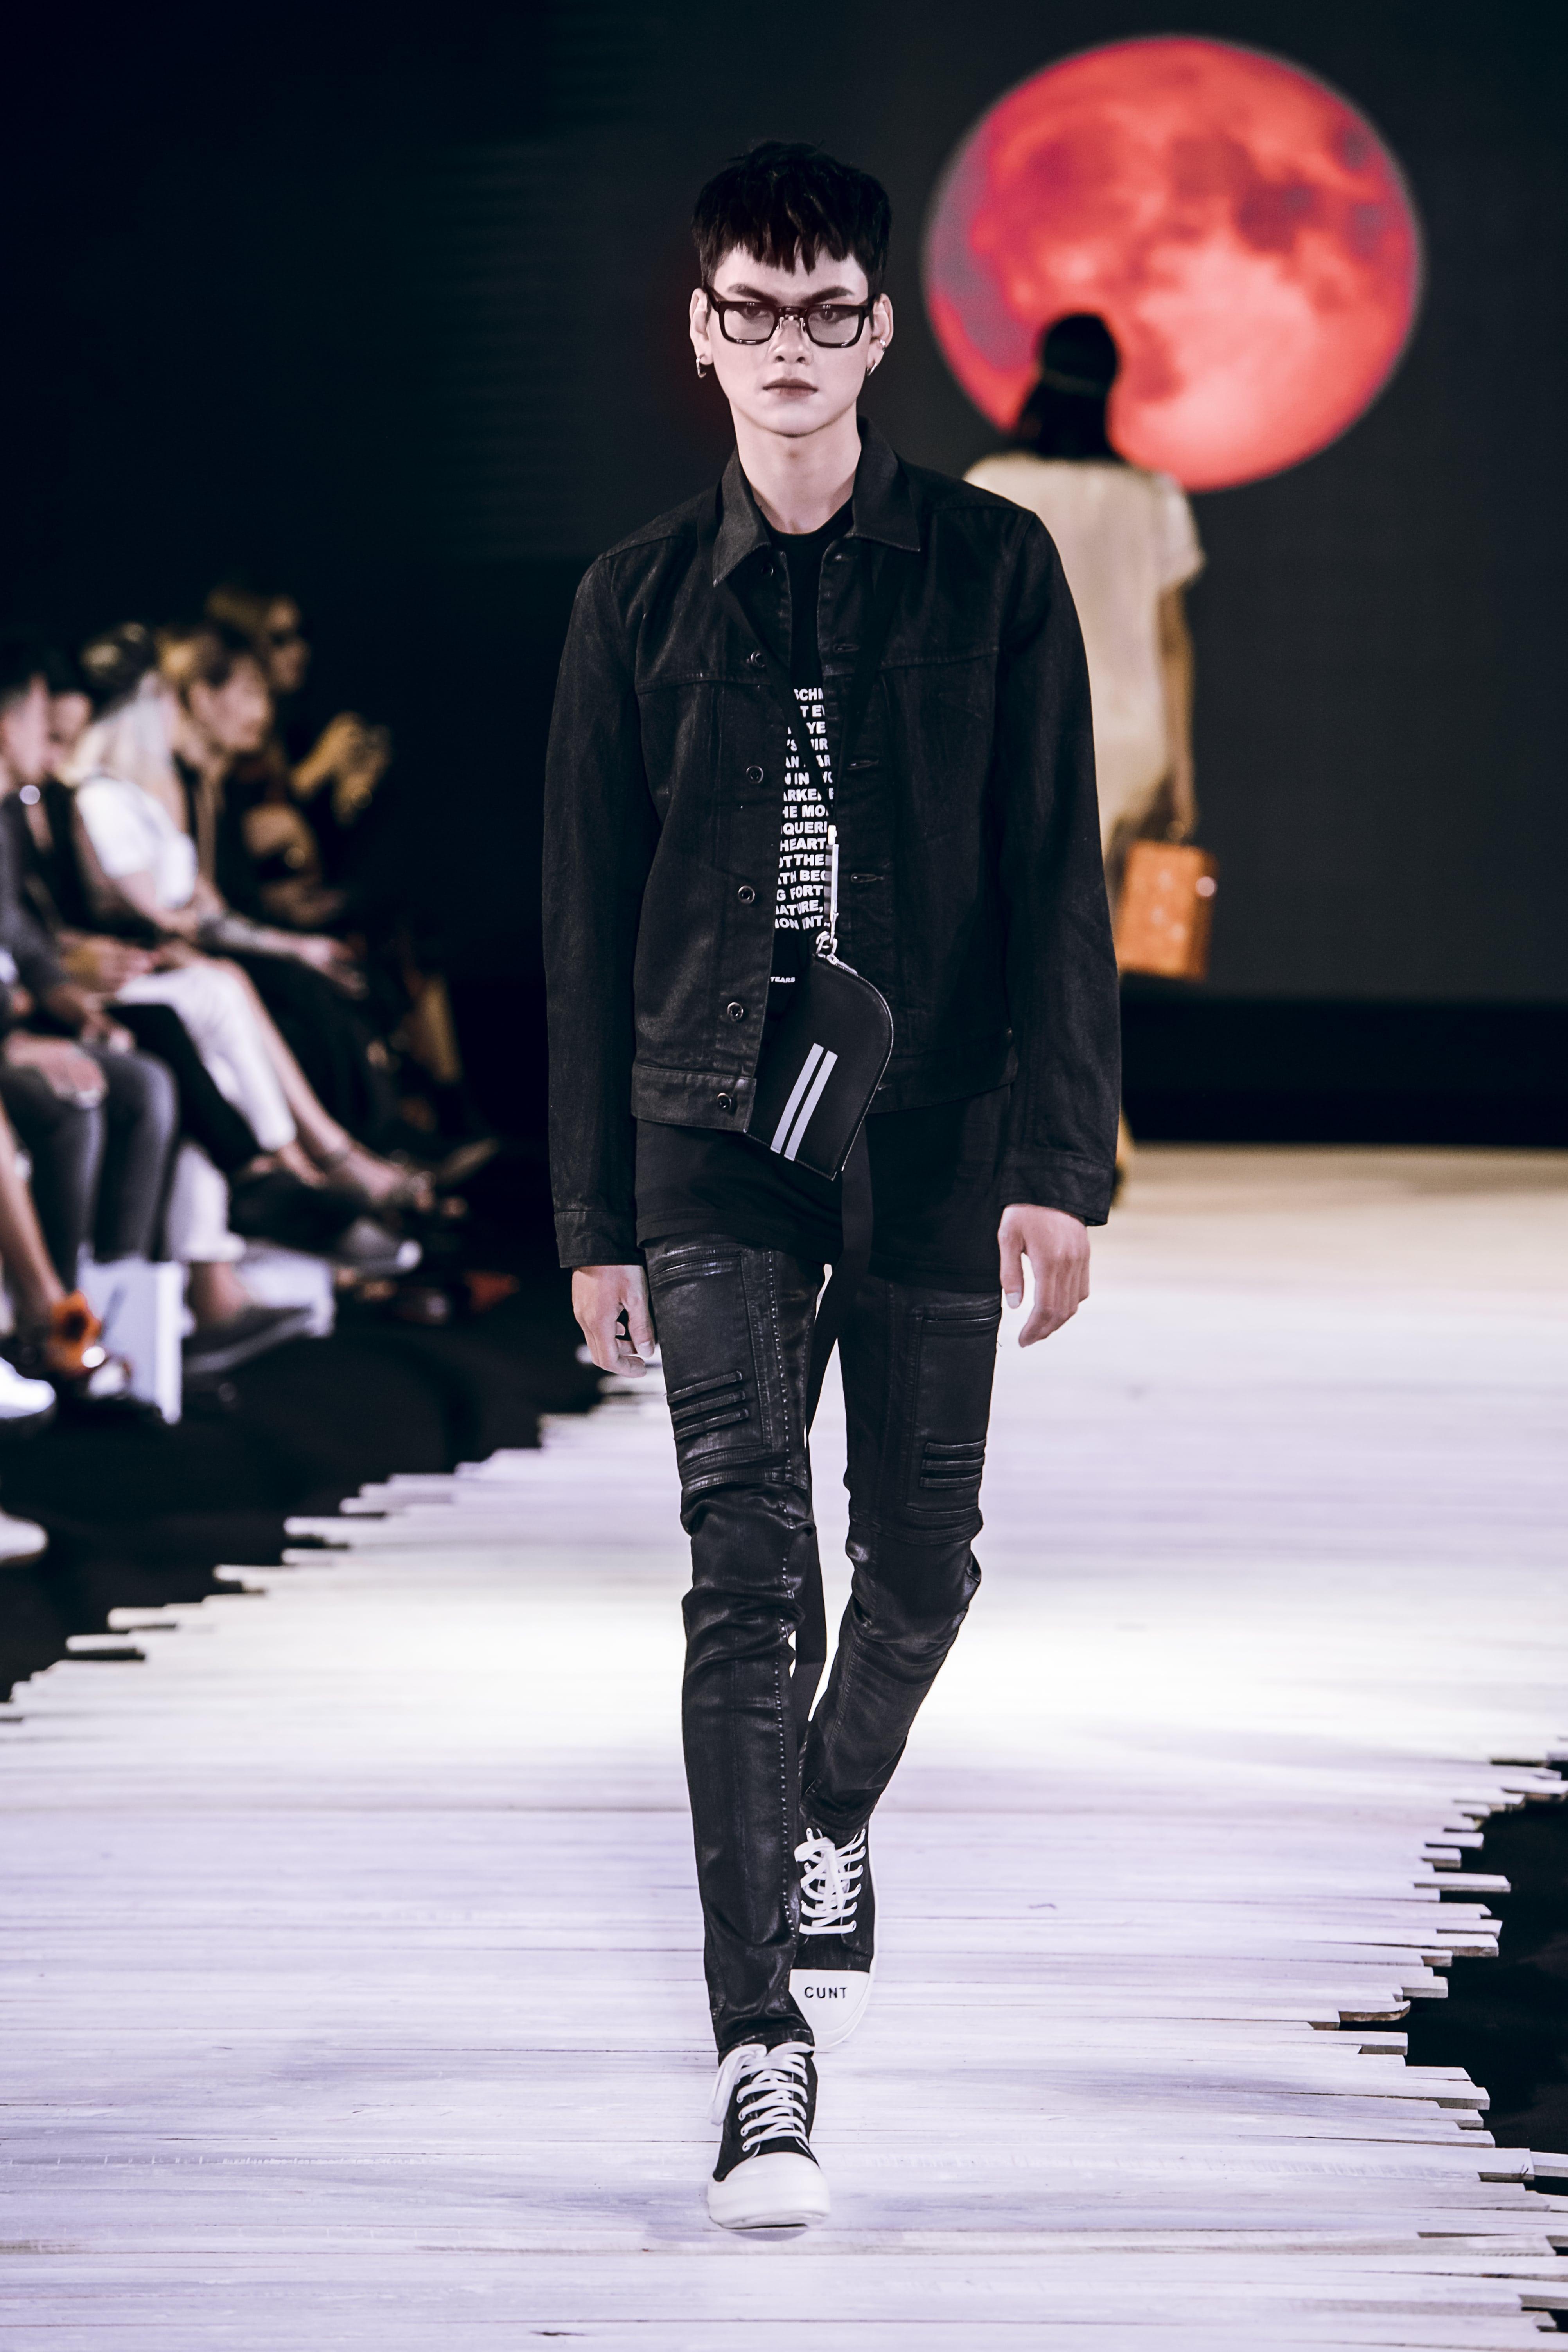 Người mẫu nam mặc áo denim và quần đen